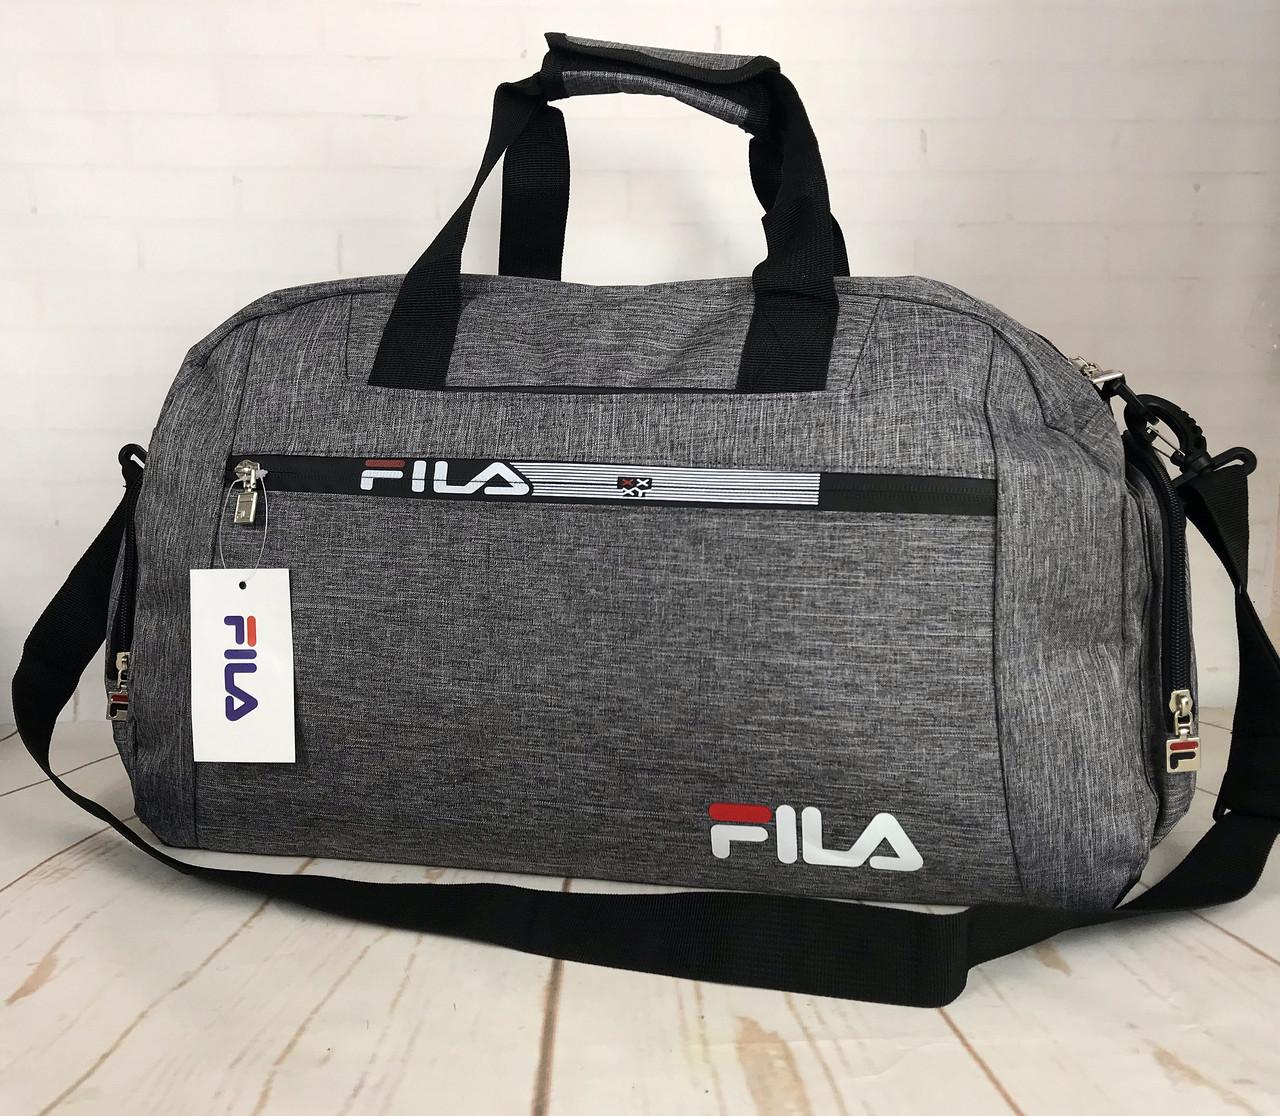 60c58b2f Красивая спортивная сумка Fila.Сумка для тренировок. Дорожная сумка КСС29 -  интернет-магазин